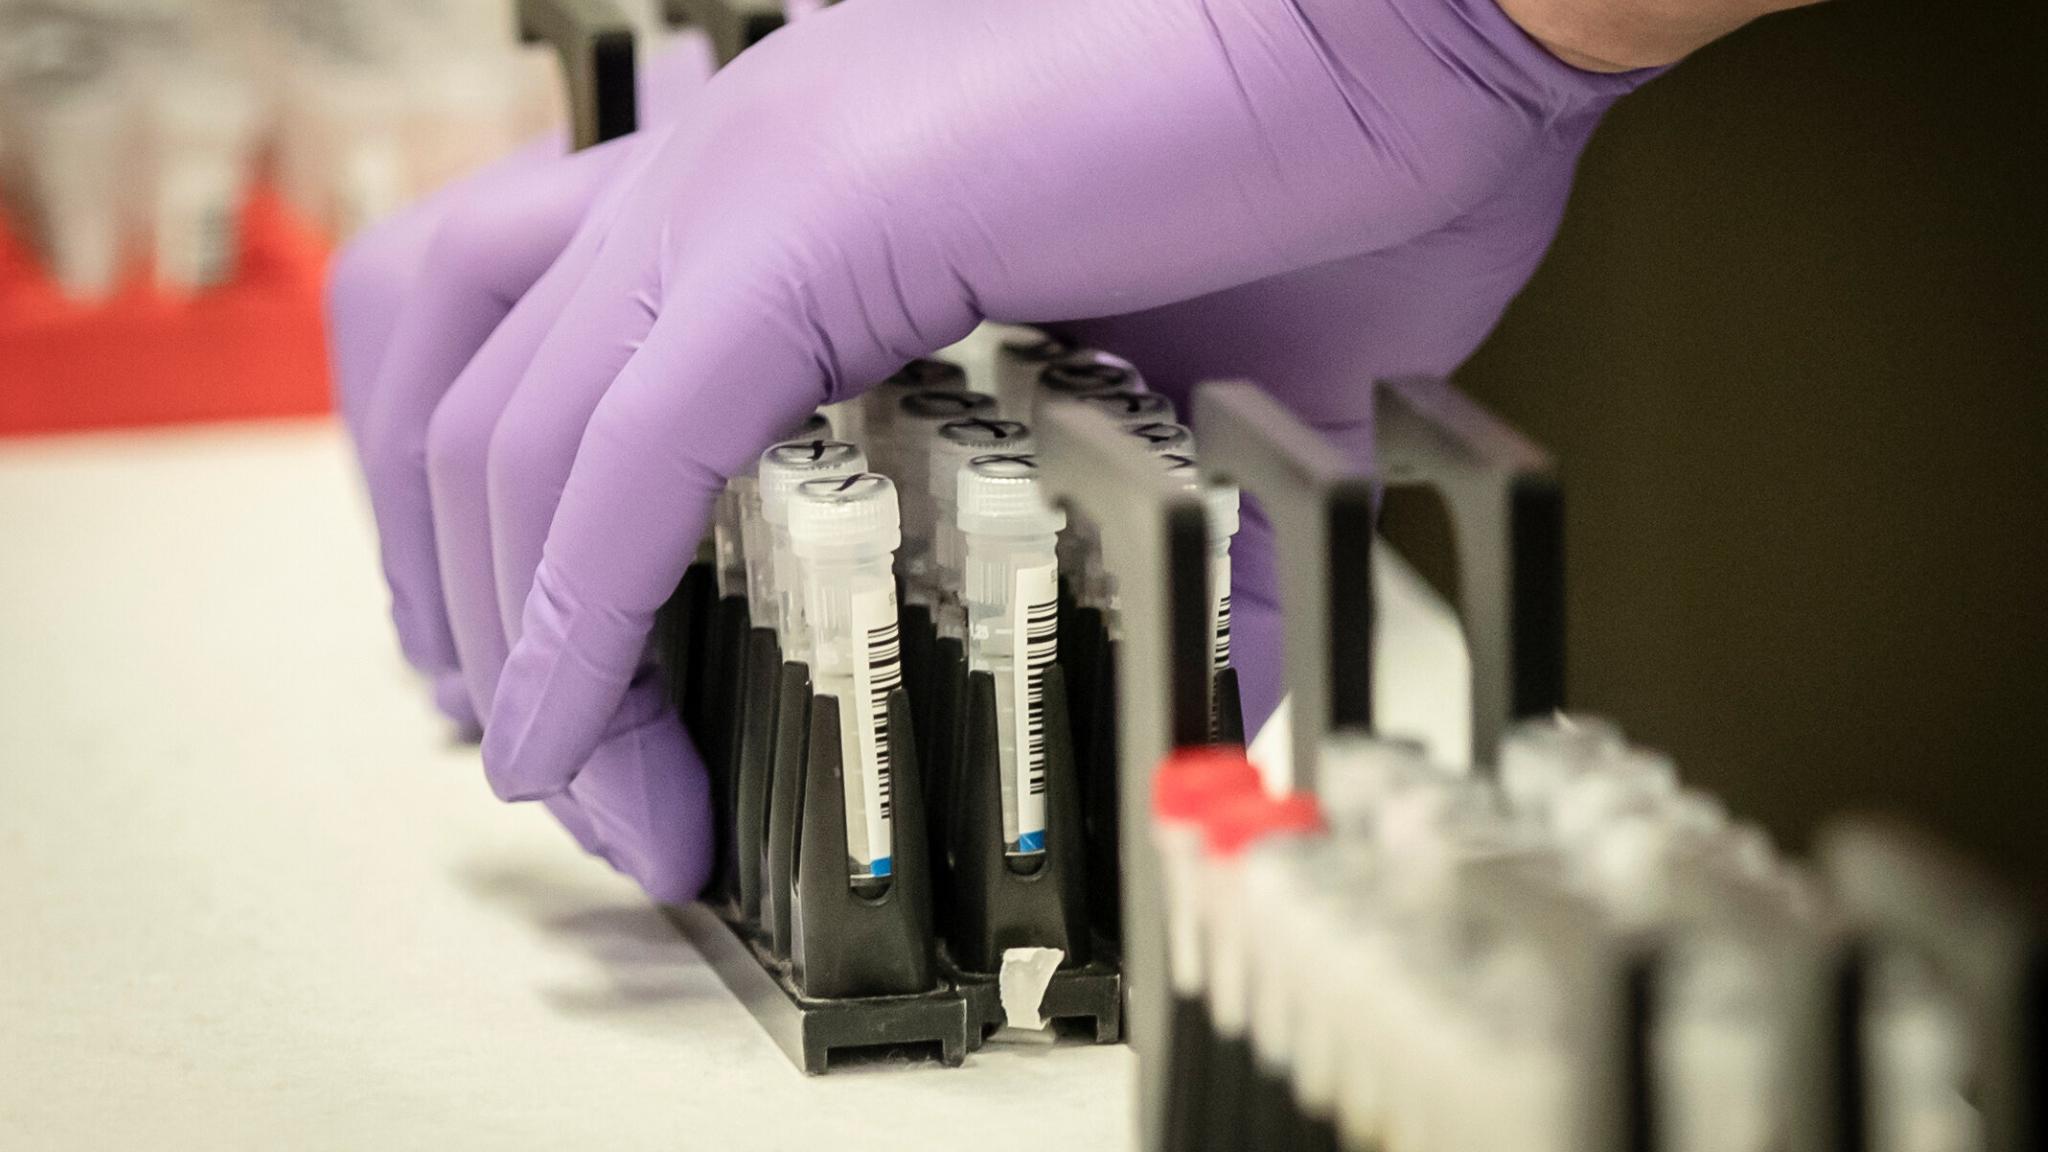 Китайские ученые утверждают, что многие люди не вырабатывают антитела к SARS-CoV-2